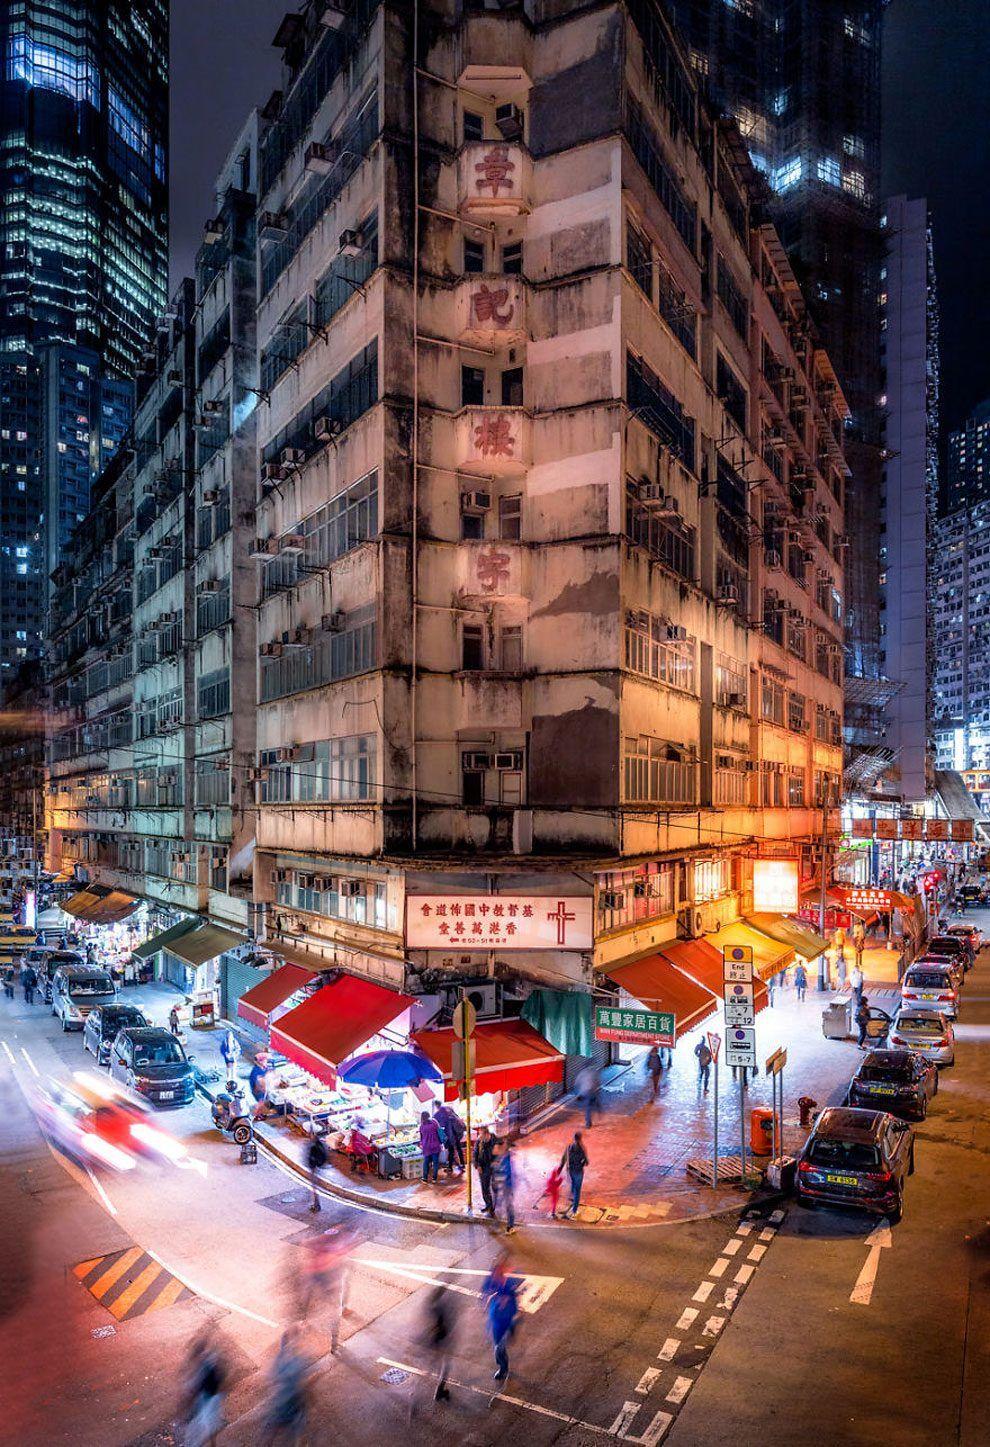 Reliving The Sights And Smells Of Old Hong Kong Hong Kong Architecture Hong Kong Cyberpunk City